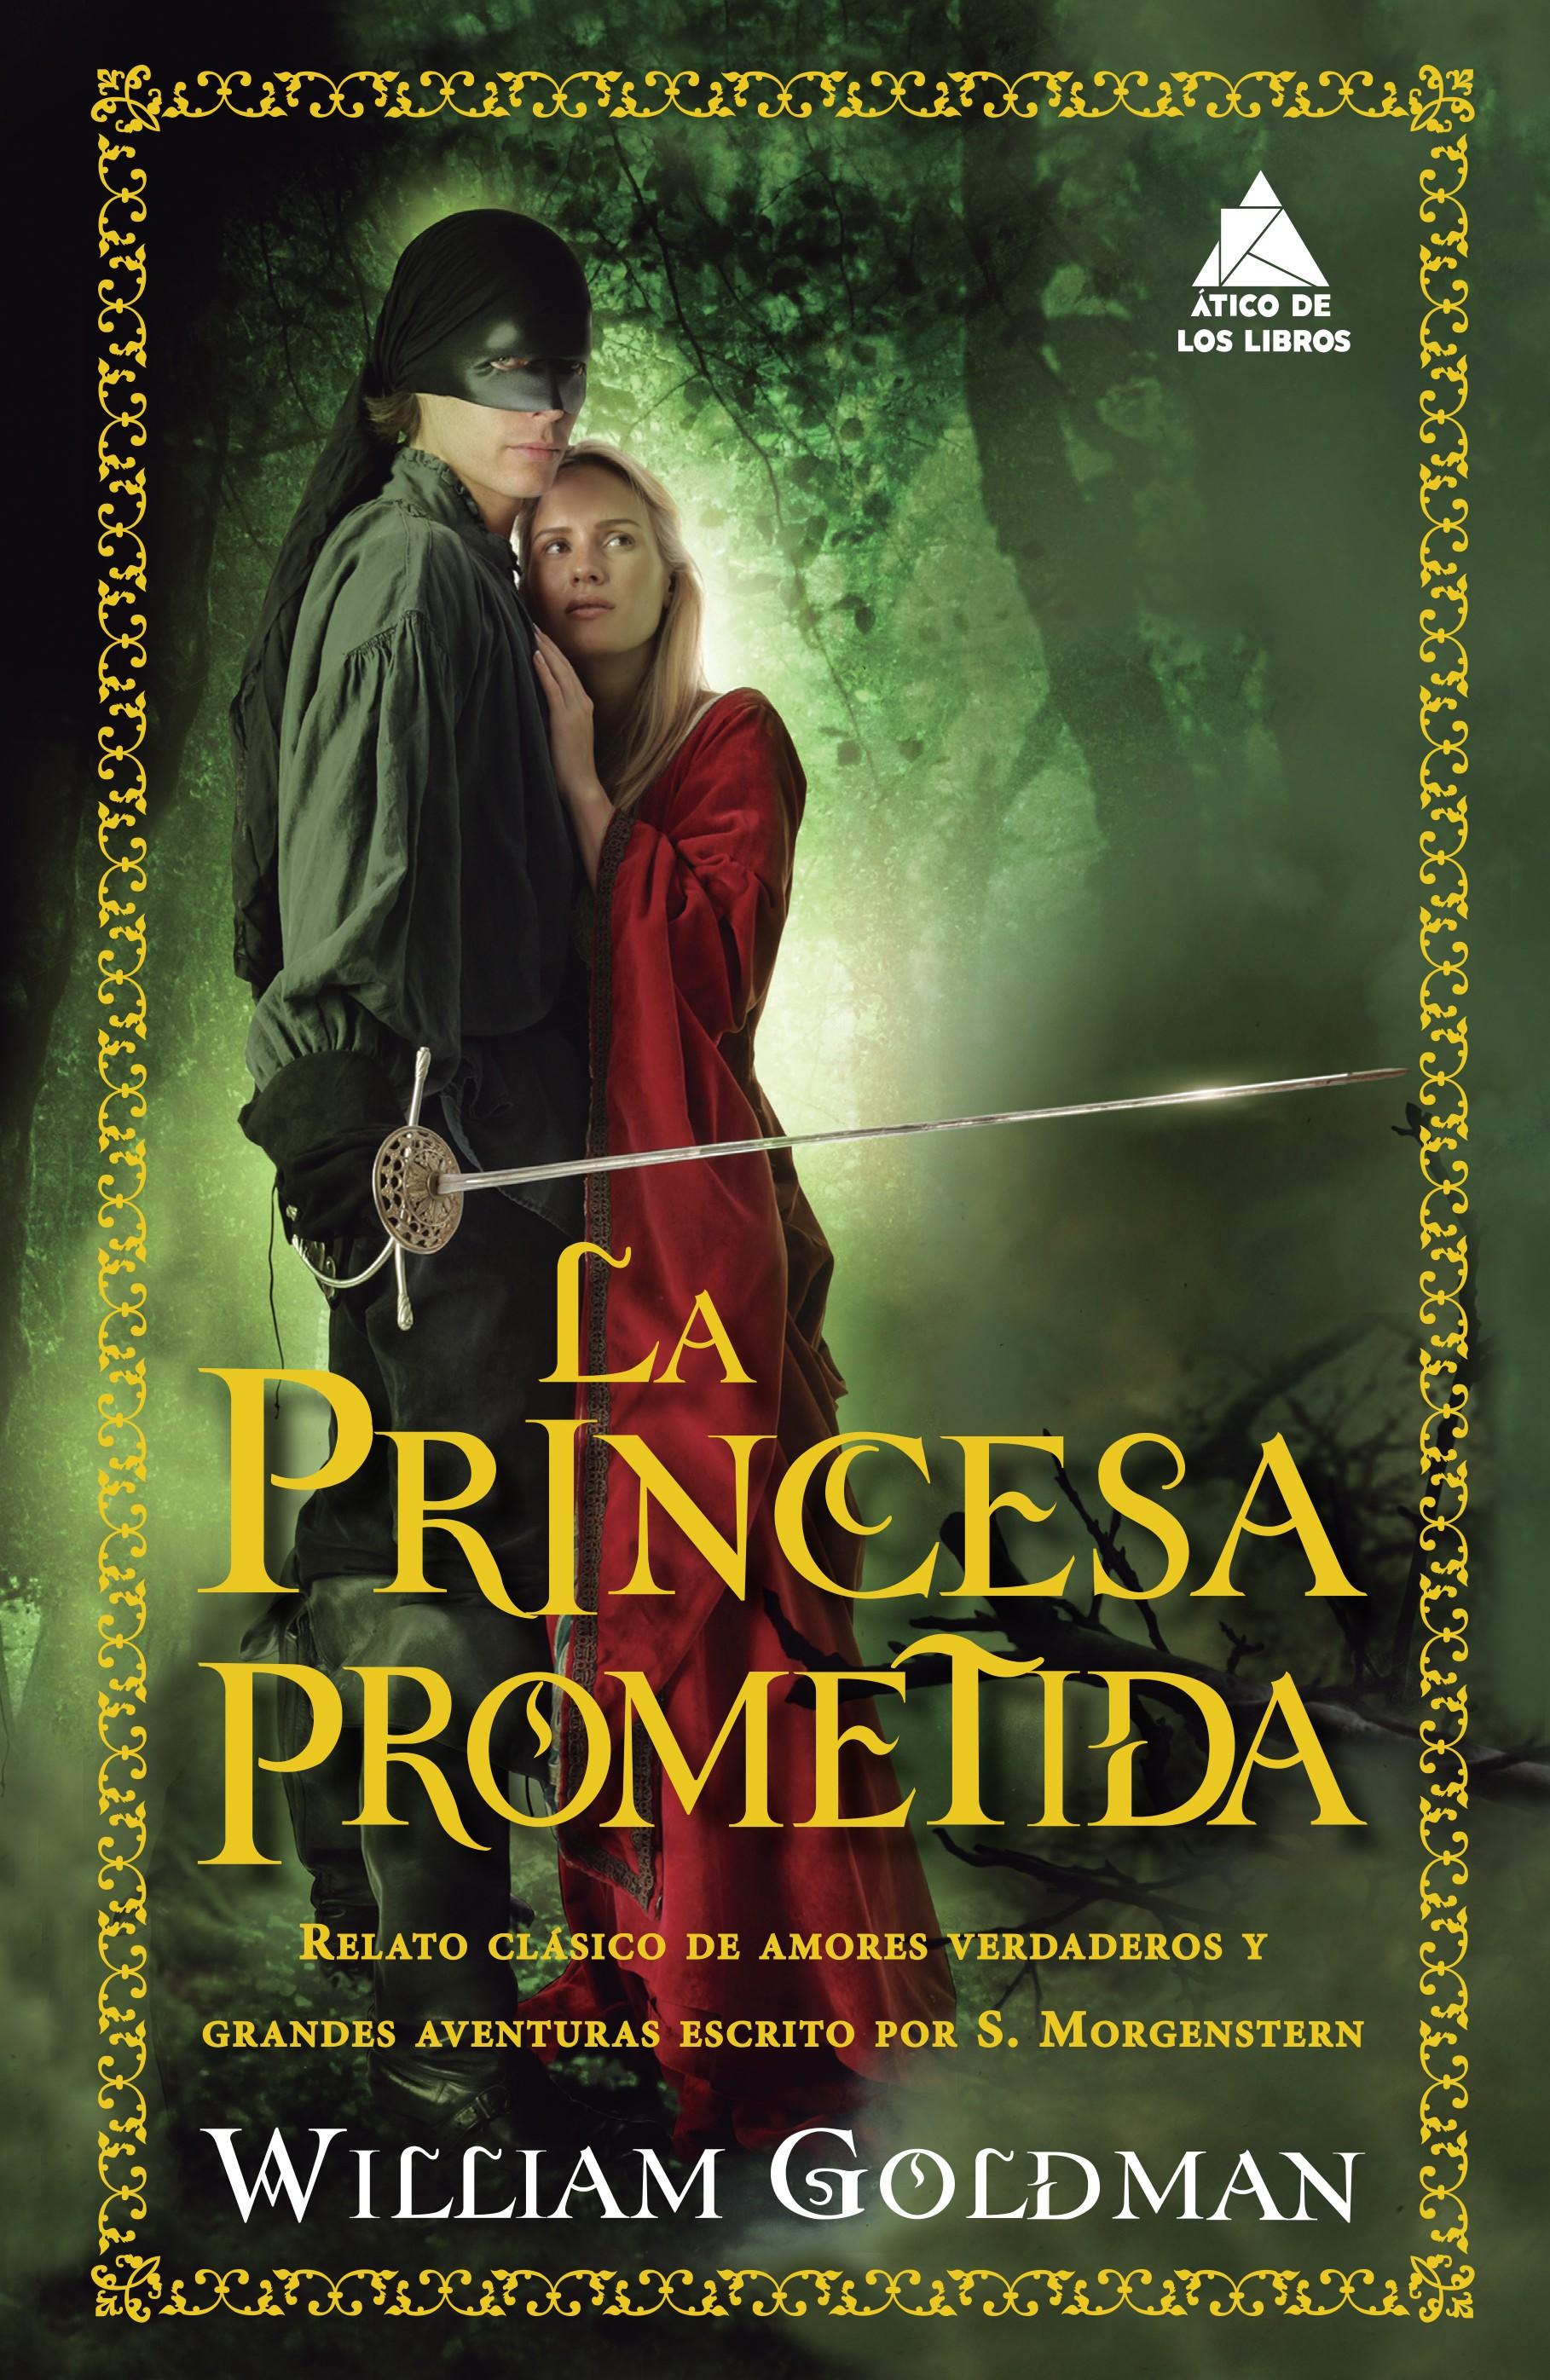 La princesa prometida, el libro